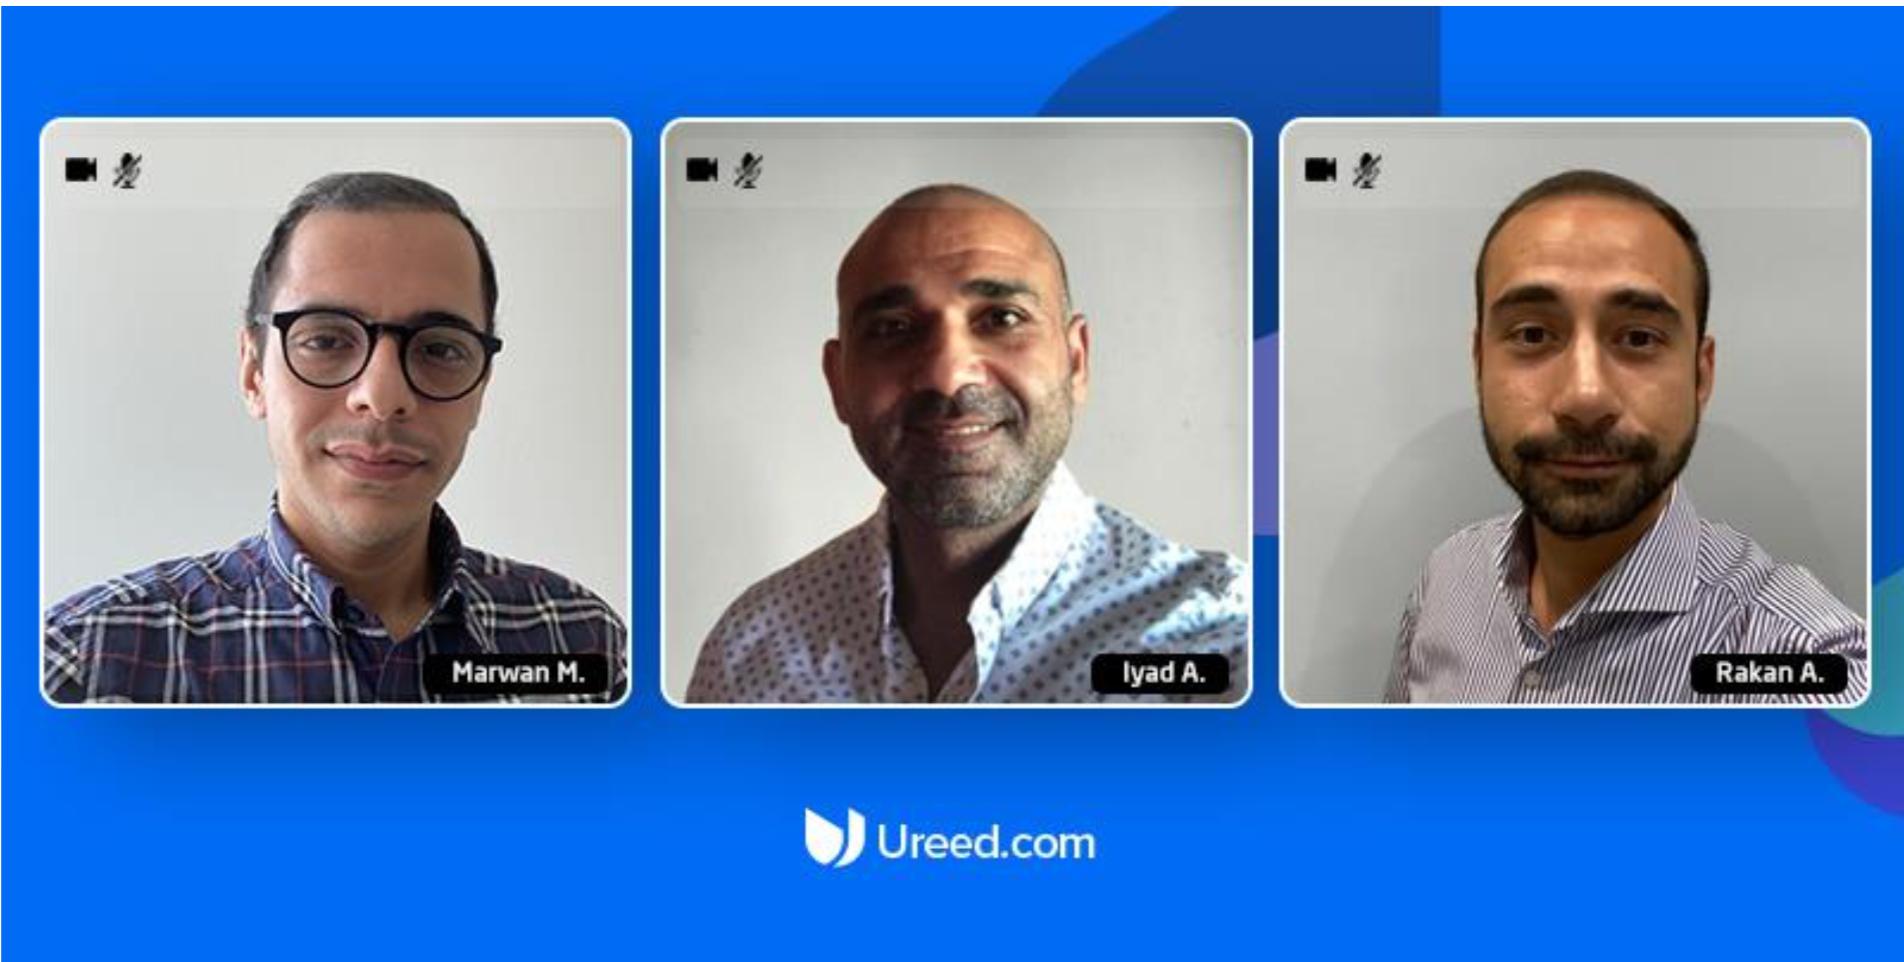 Wamda invests in freelance marketplace Ureed.com